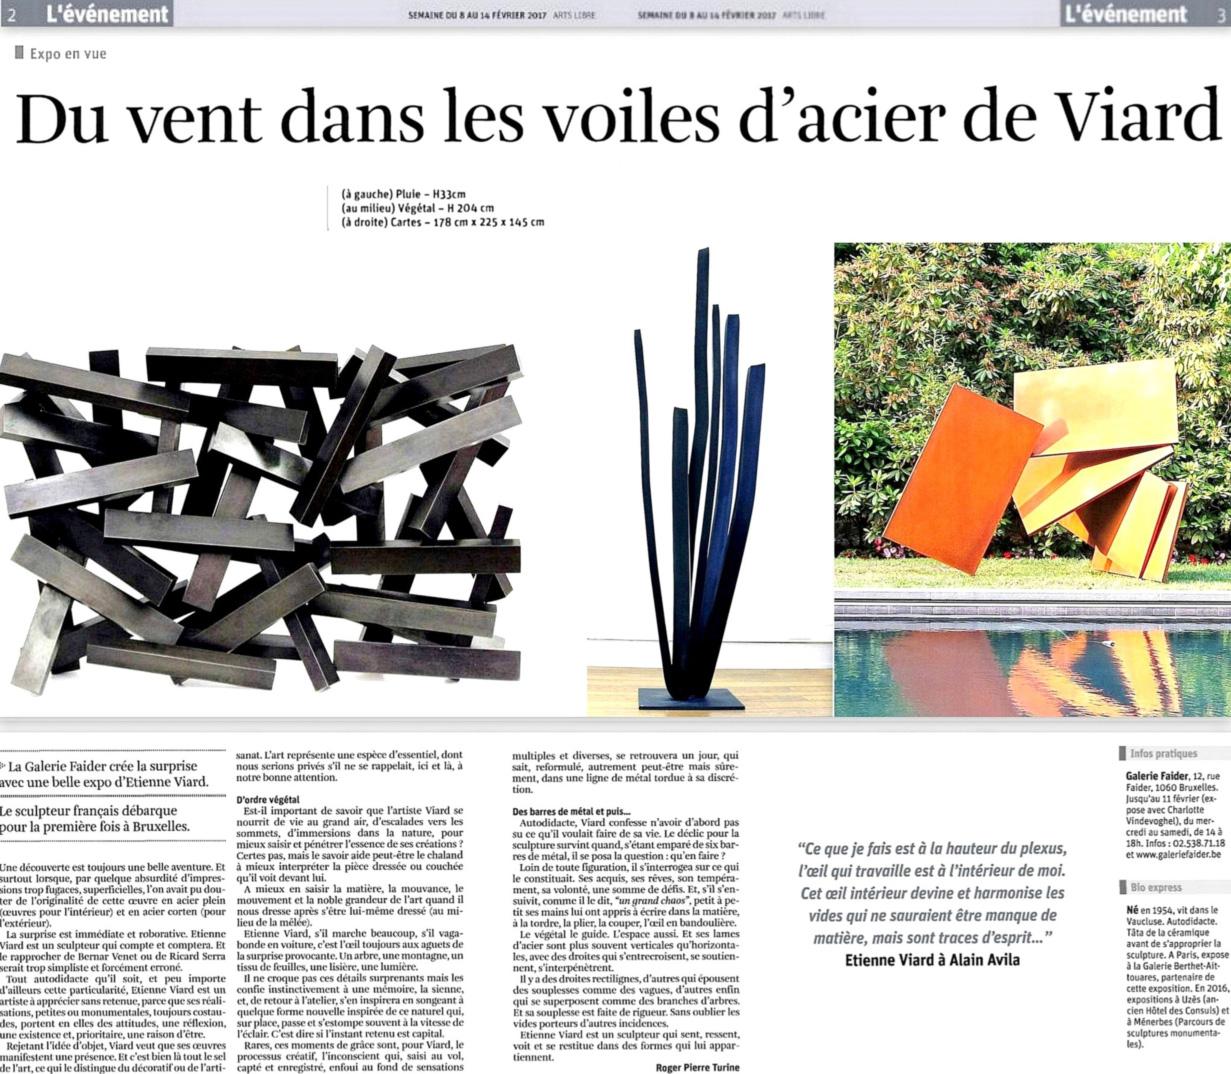 article_La_libre_Belgique_Etienne_Viard